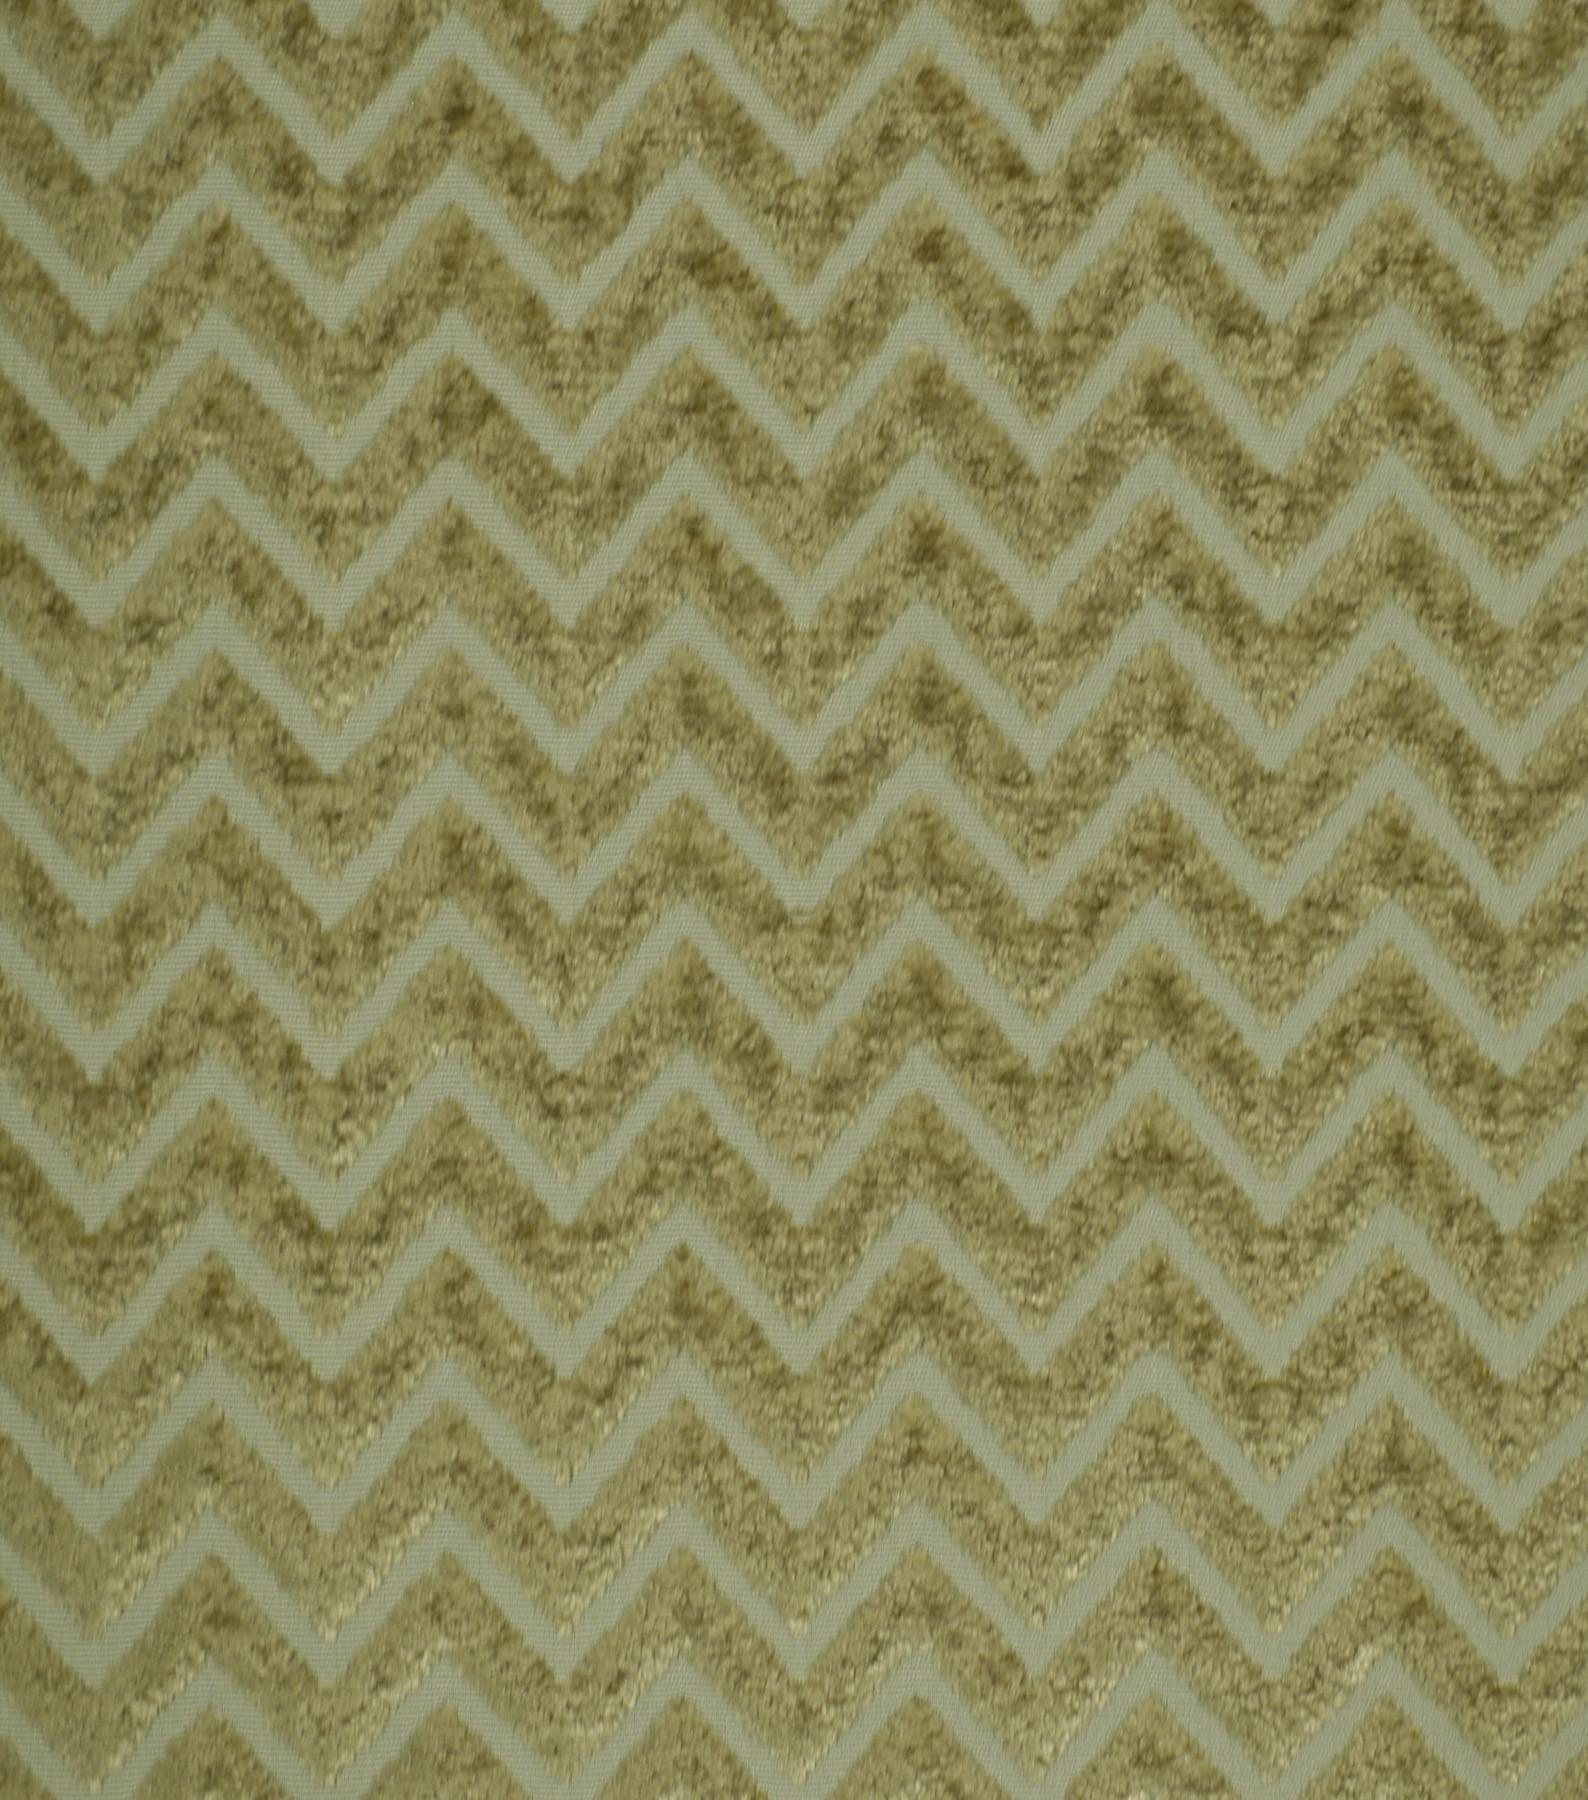 Upholstery Fabric Robert Allen Royal Chevron Cloud Joann